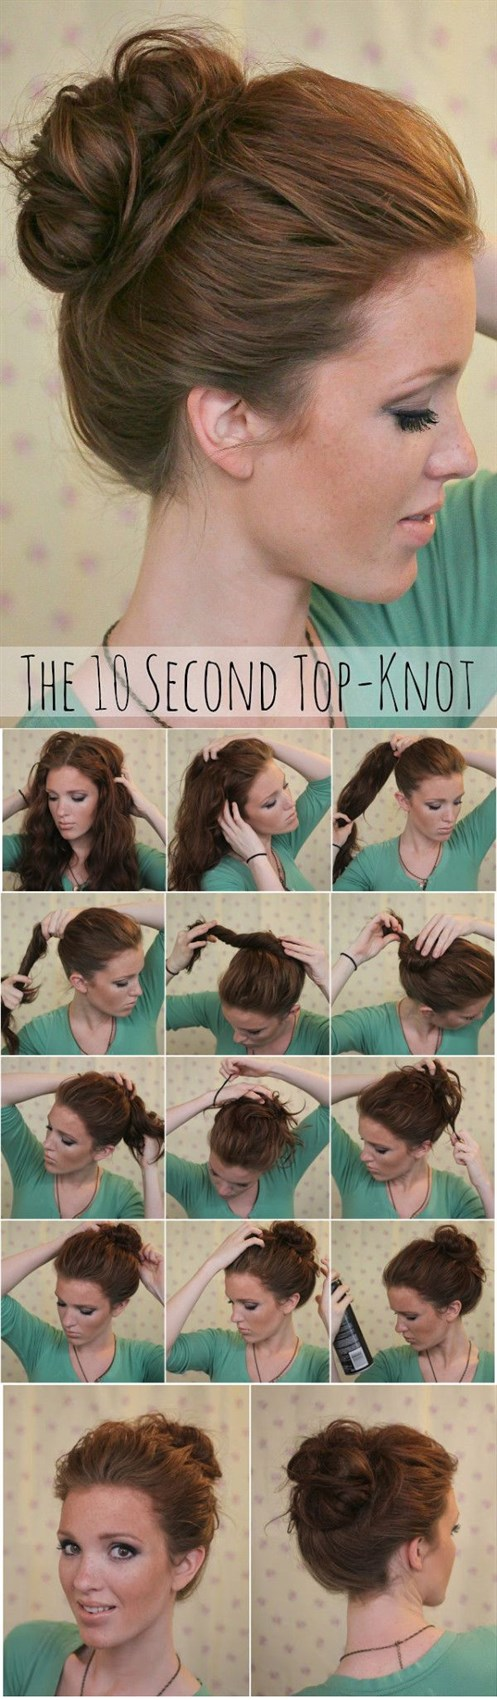 Простая прическа на средние волосы своими руками